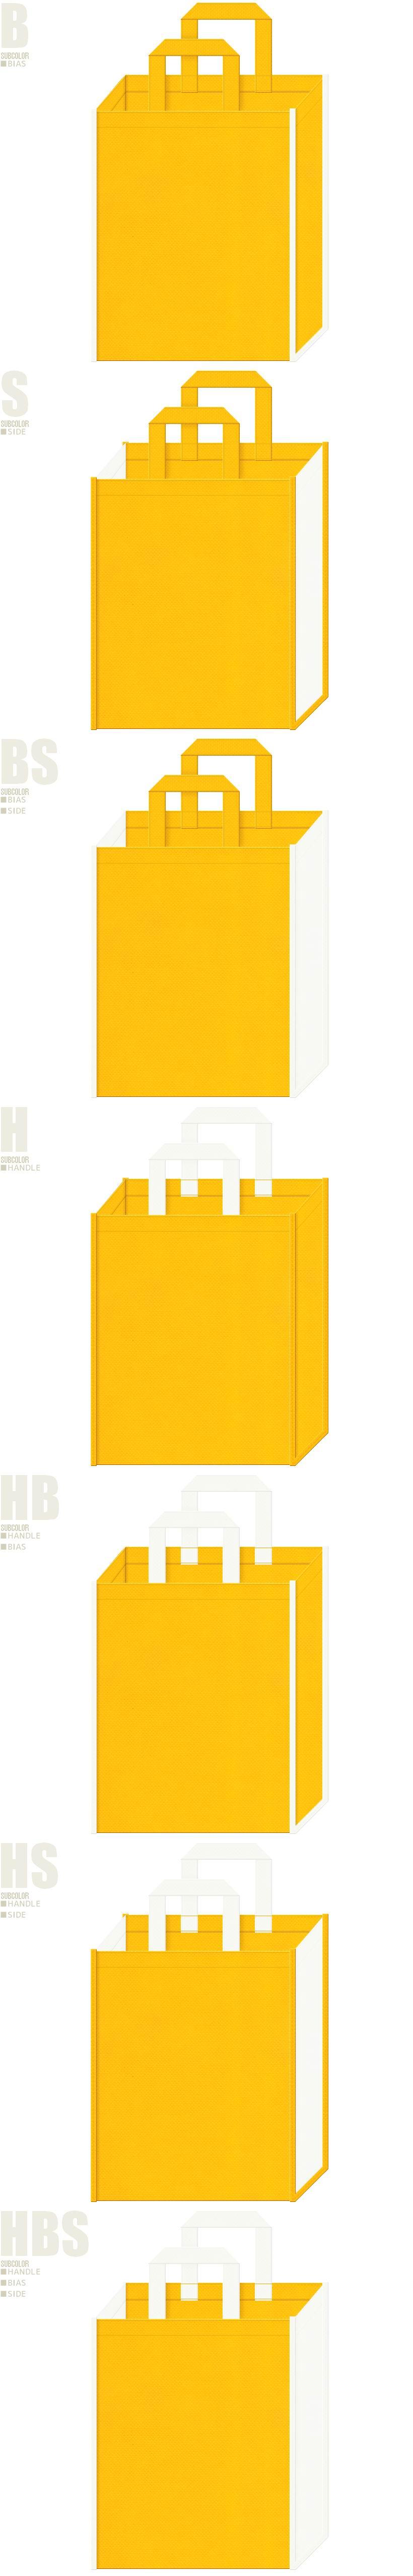 黄色とオフホワイト色、7パターンの不織布トートバッグ配色デザイン例。